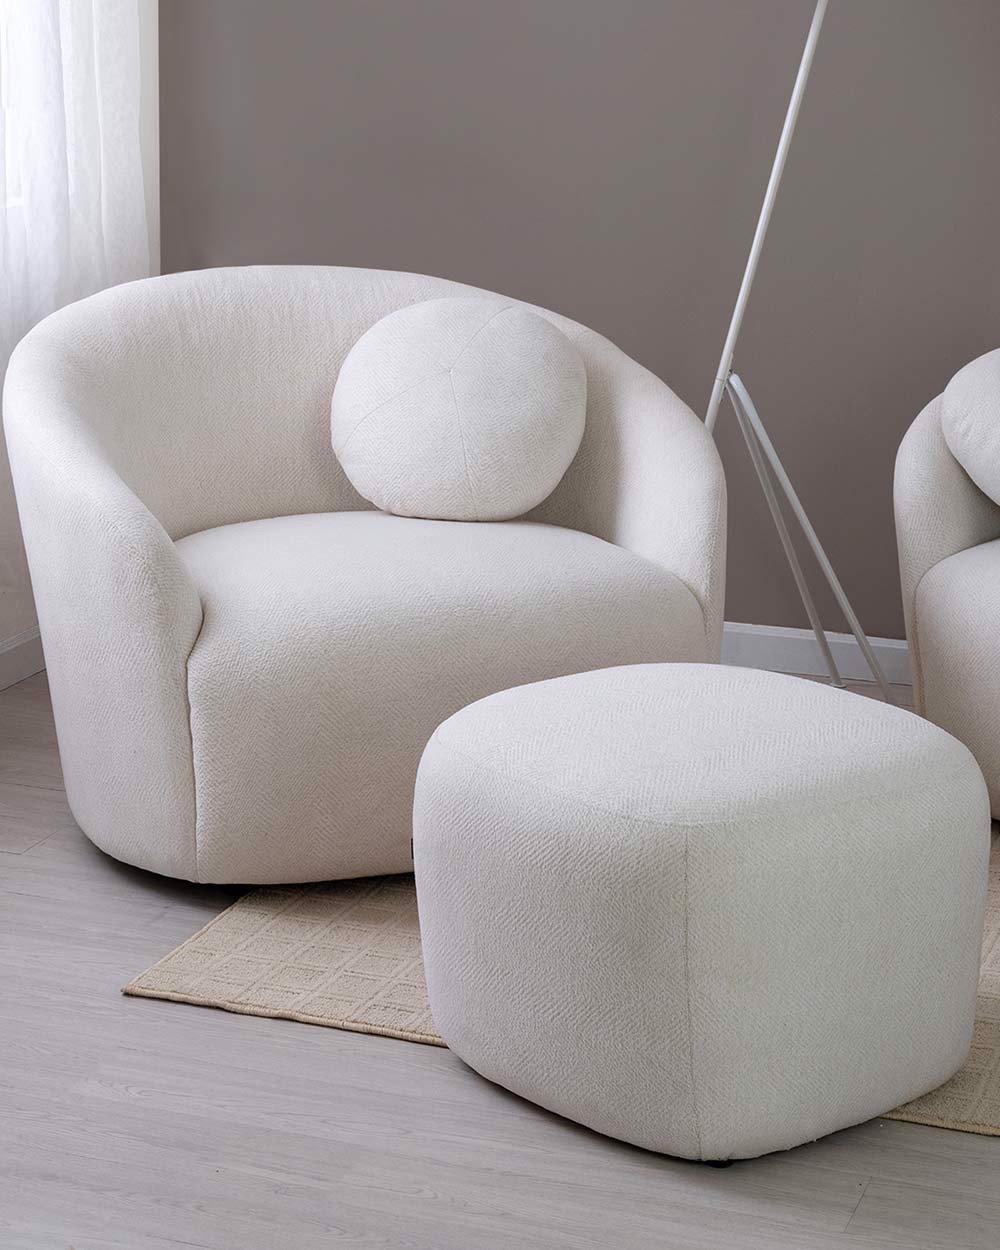 Nhà Jennie có sofa sang xịn tận 57 triệu, bạn có thể sắm kiểu tương tự giá chỉ từ 6 triệu - Ảnh 7.